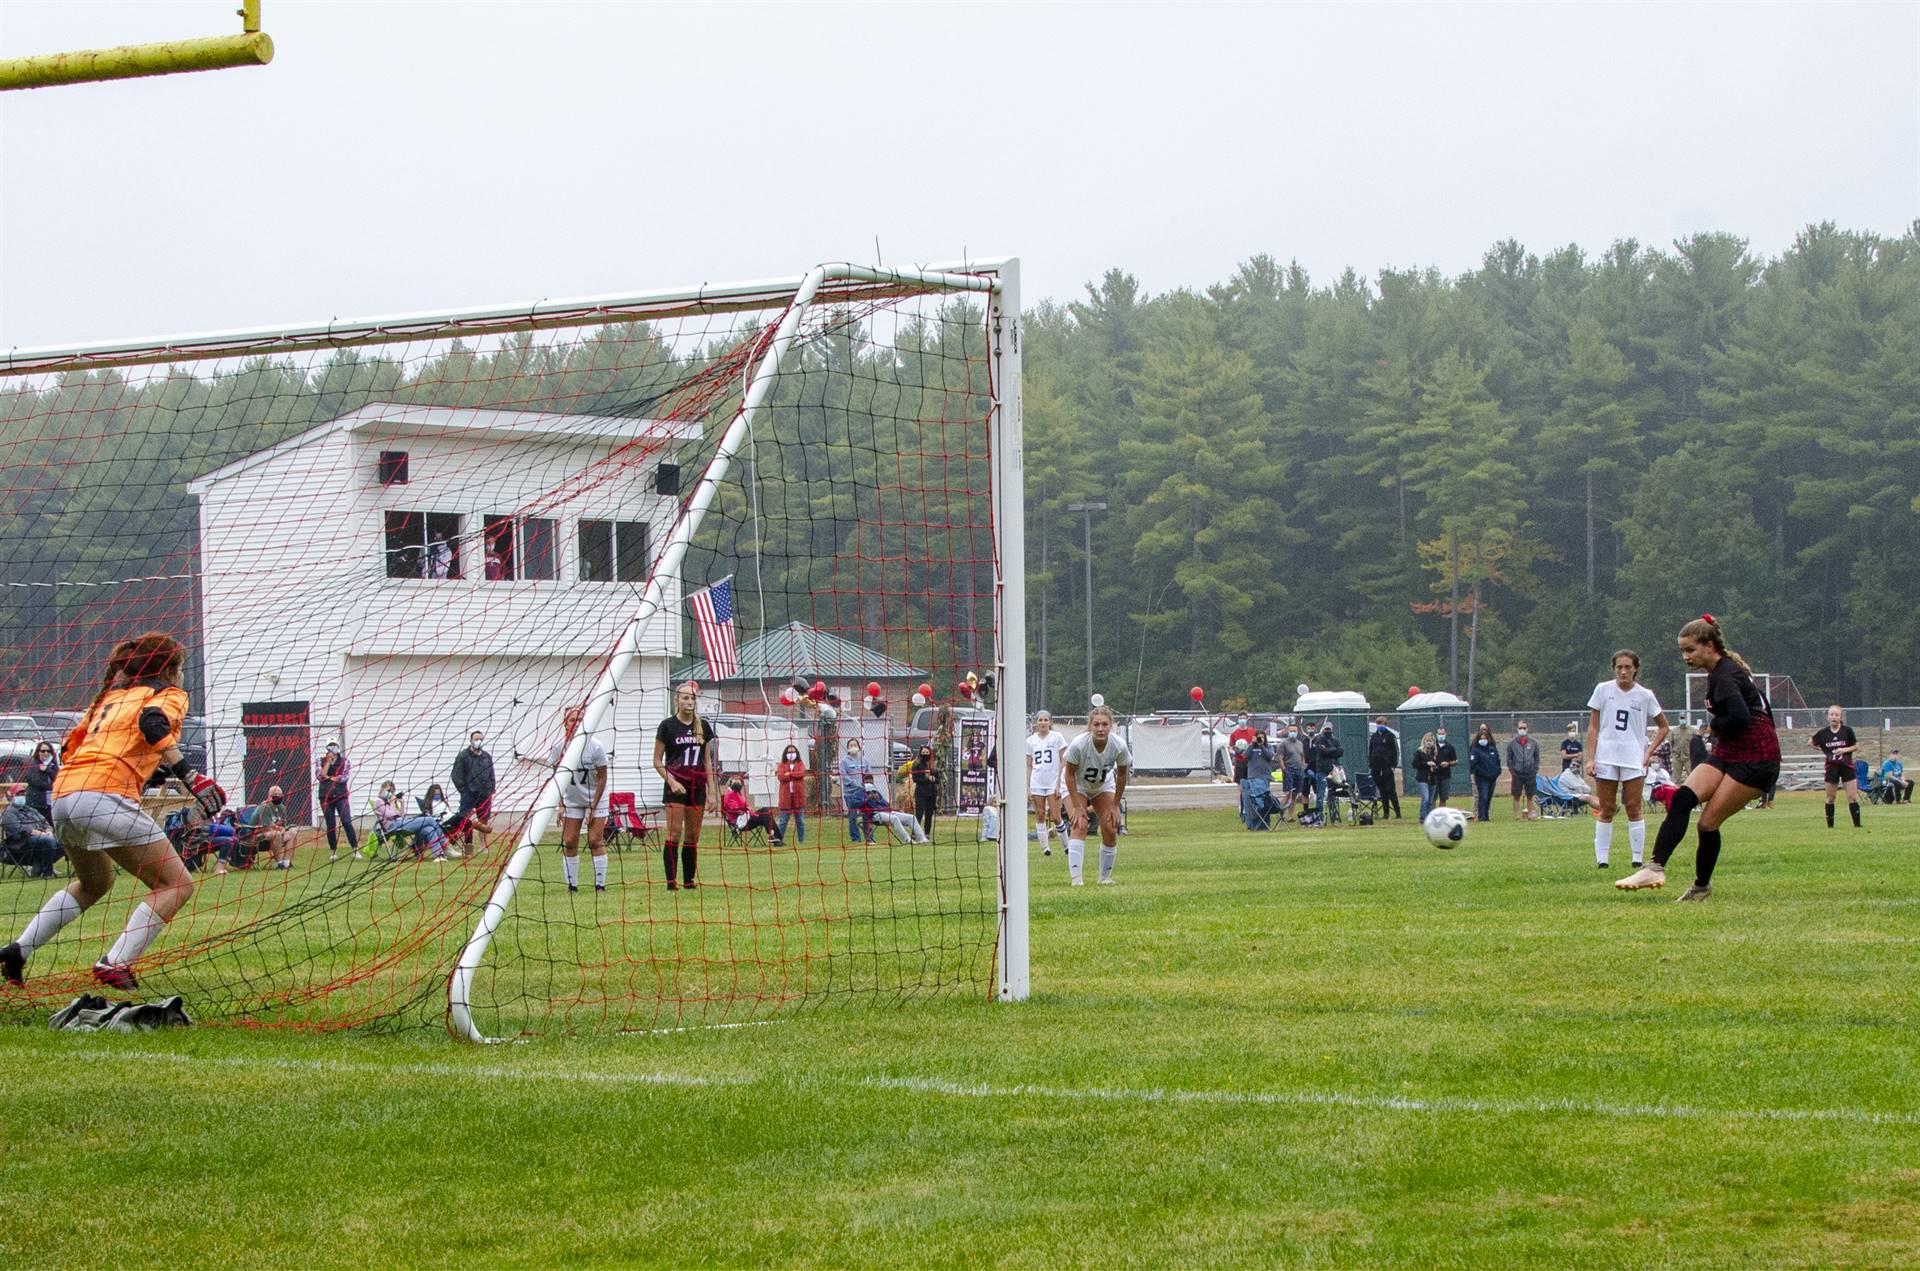 Karleigh's penalty kick